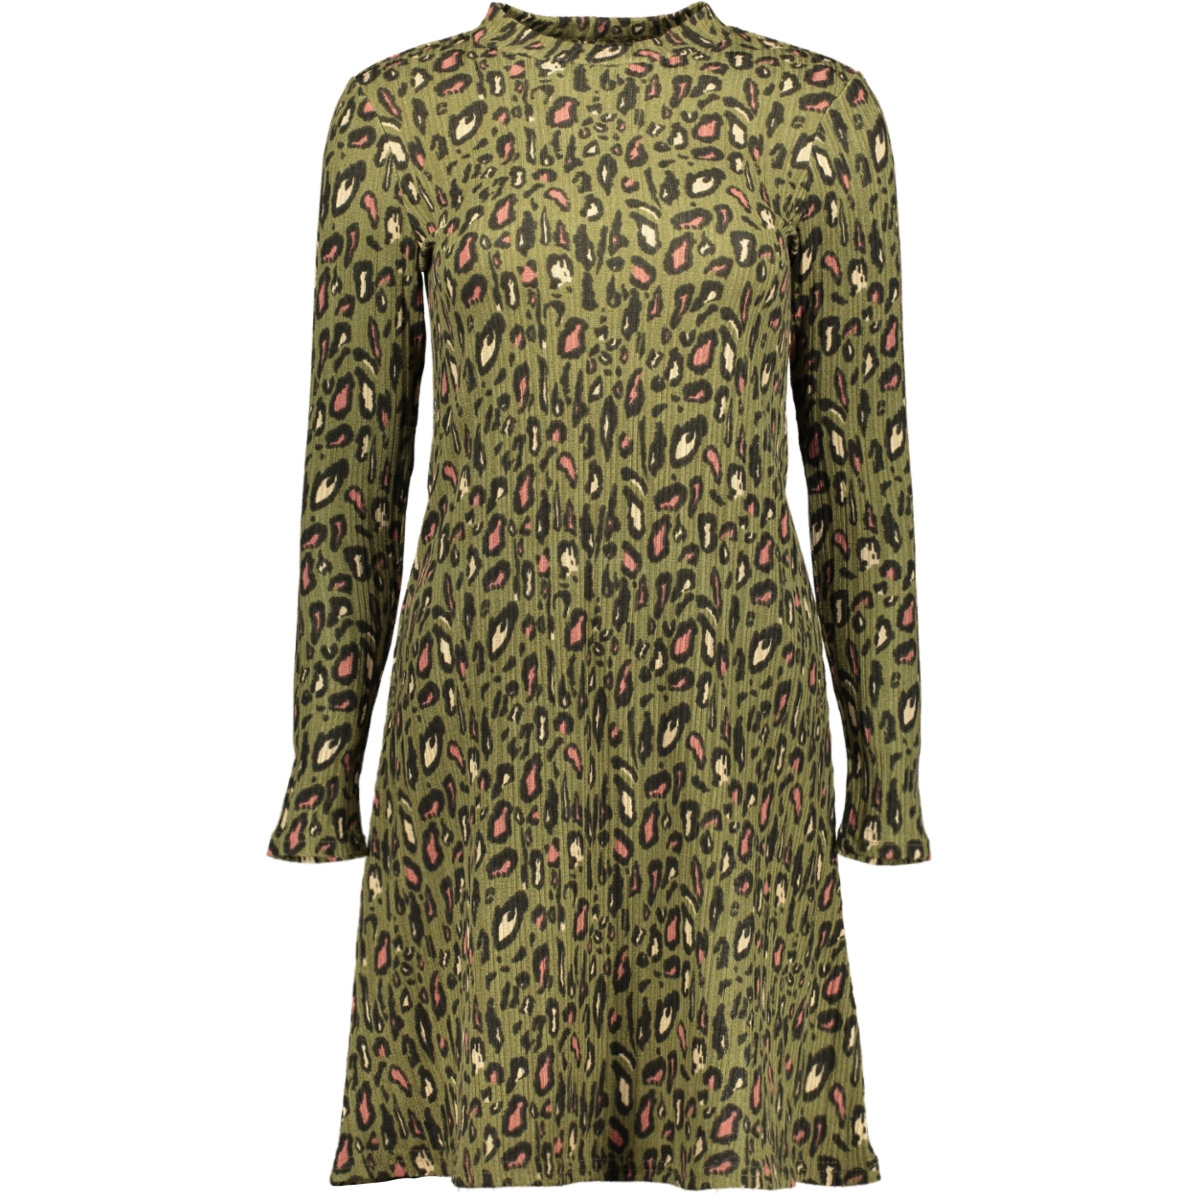 onllea l/s dress jrs 15193152 only jurk martini olive/cool leo 2